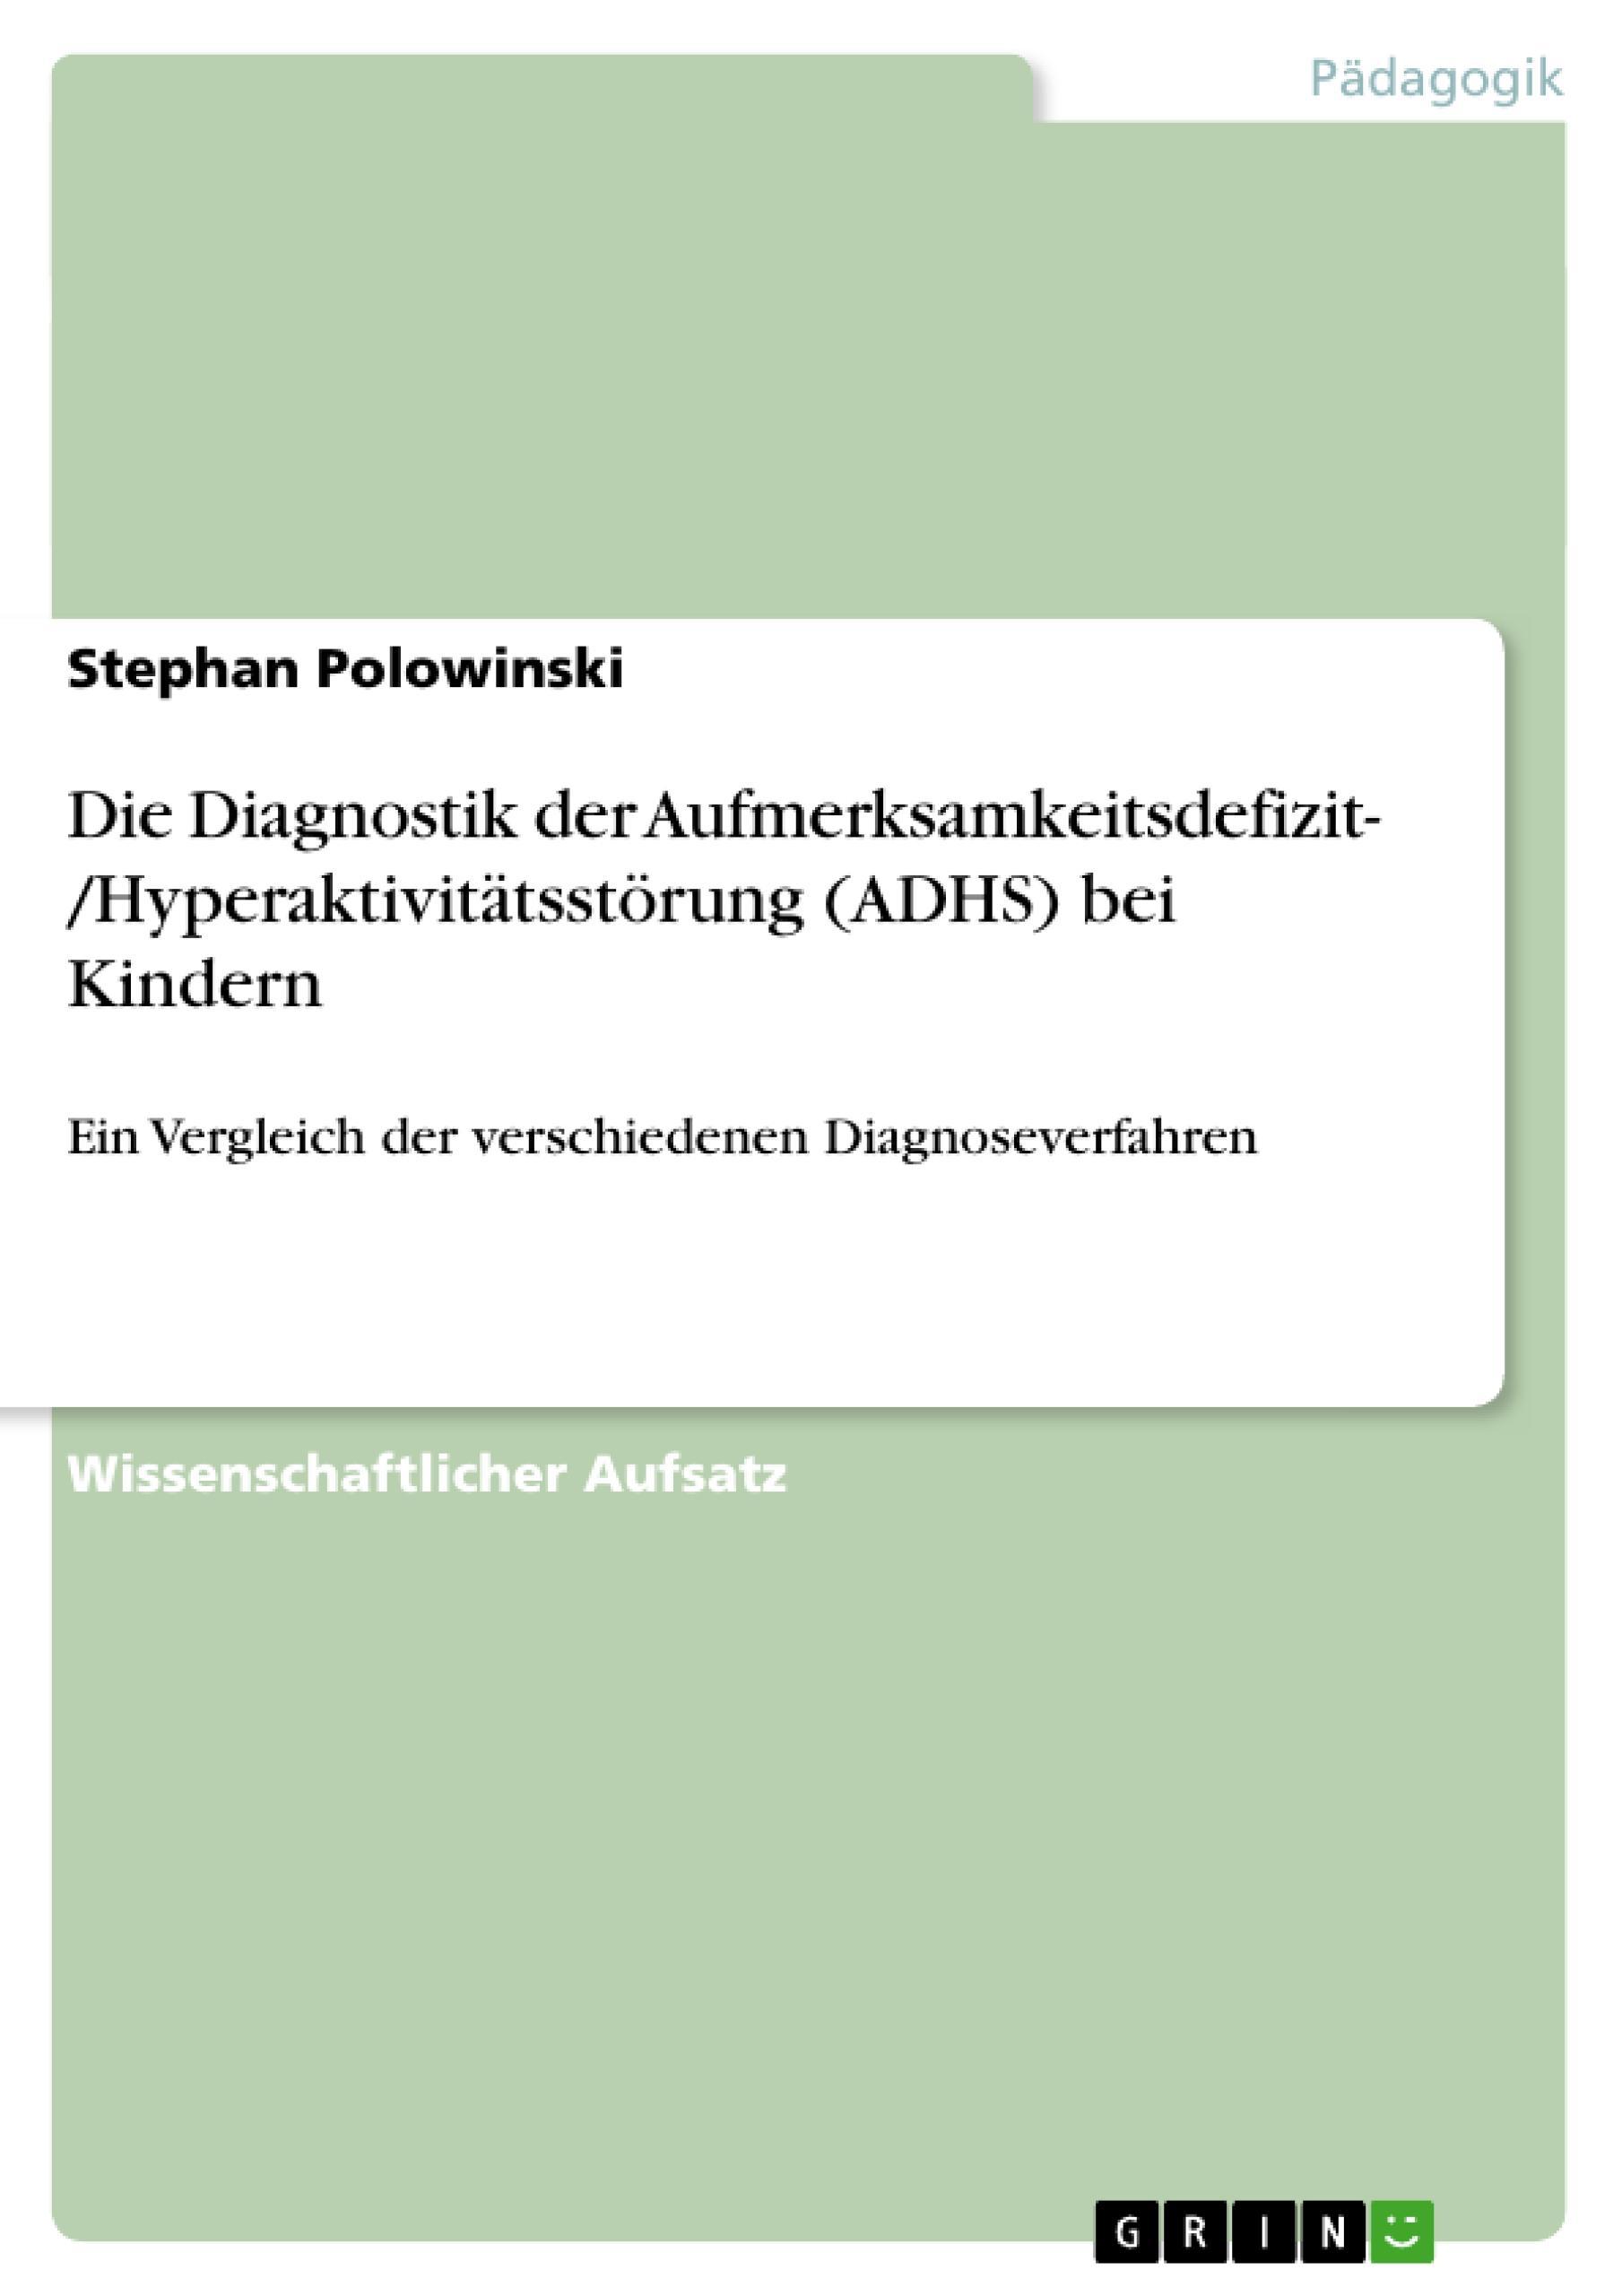 Die Diagnostik der Aufmerksamkeitsdefizit- /Hyperaktivitätsstörung (ADHS) bei Kindern  Ein Vergleich der verschiedenen Diagnoseverfahren  Stephan Polowinski  Taschenbuch  Deutsch  2010 - Polowinski, Stephan